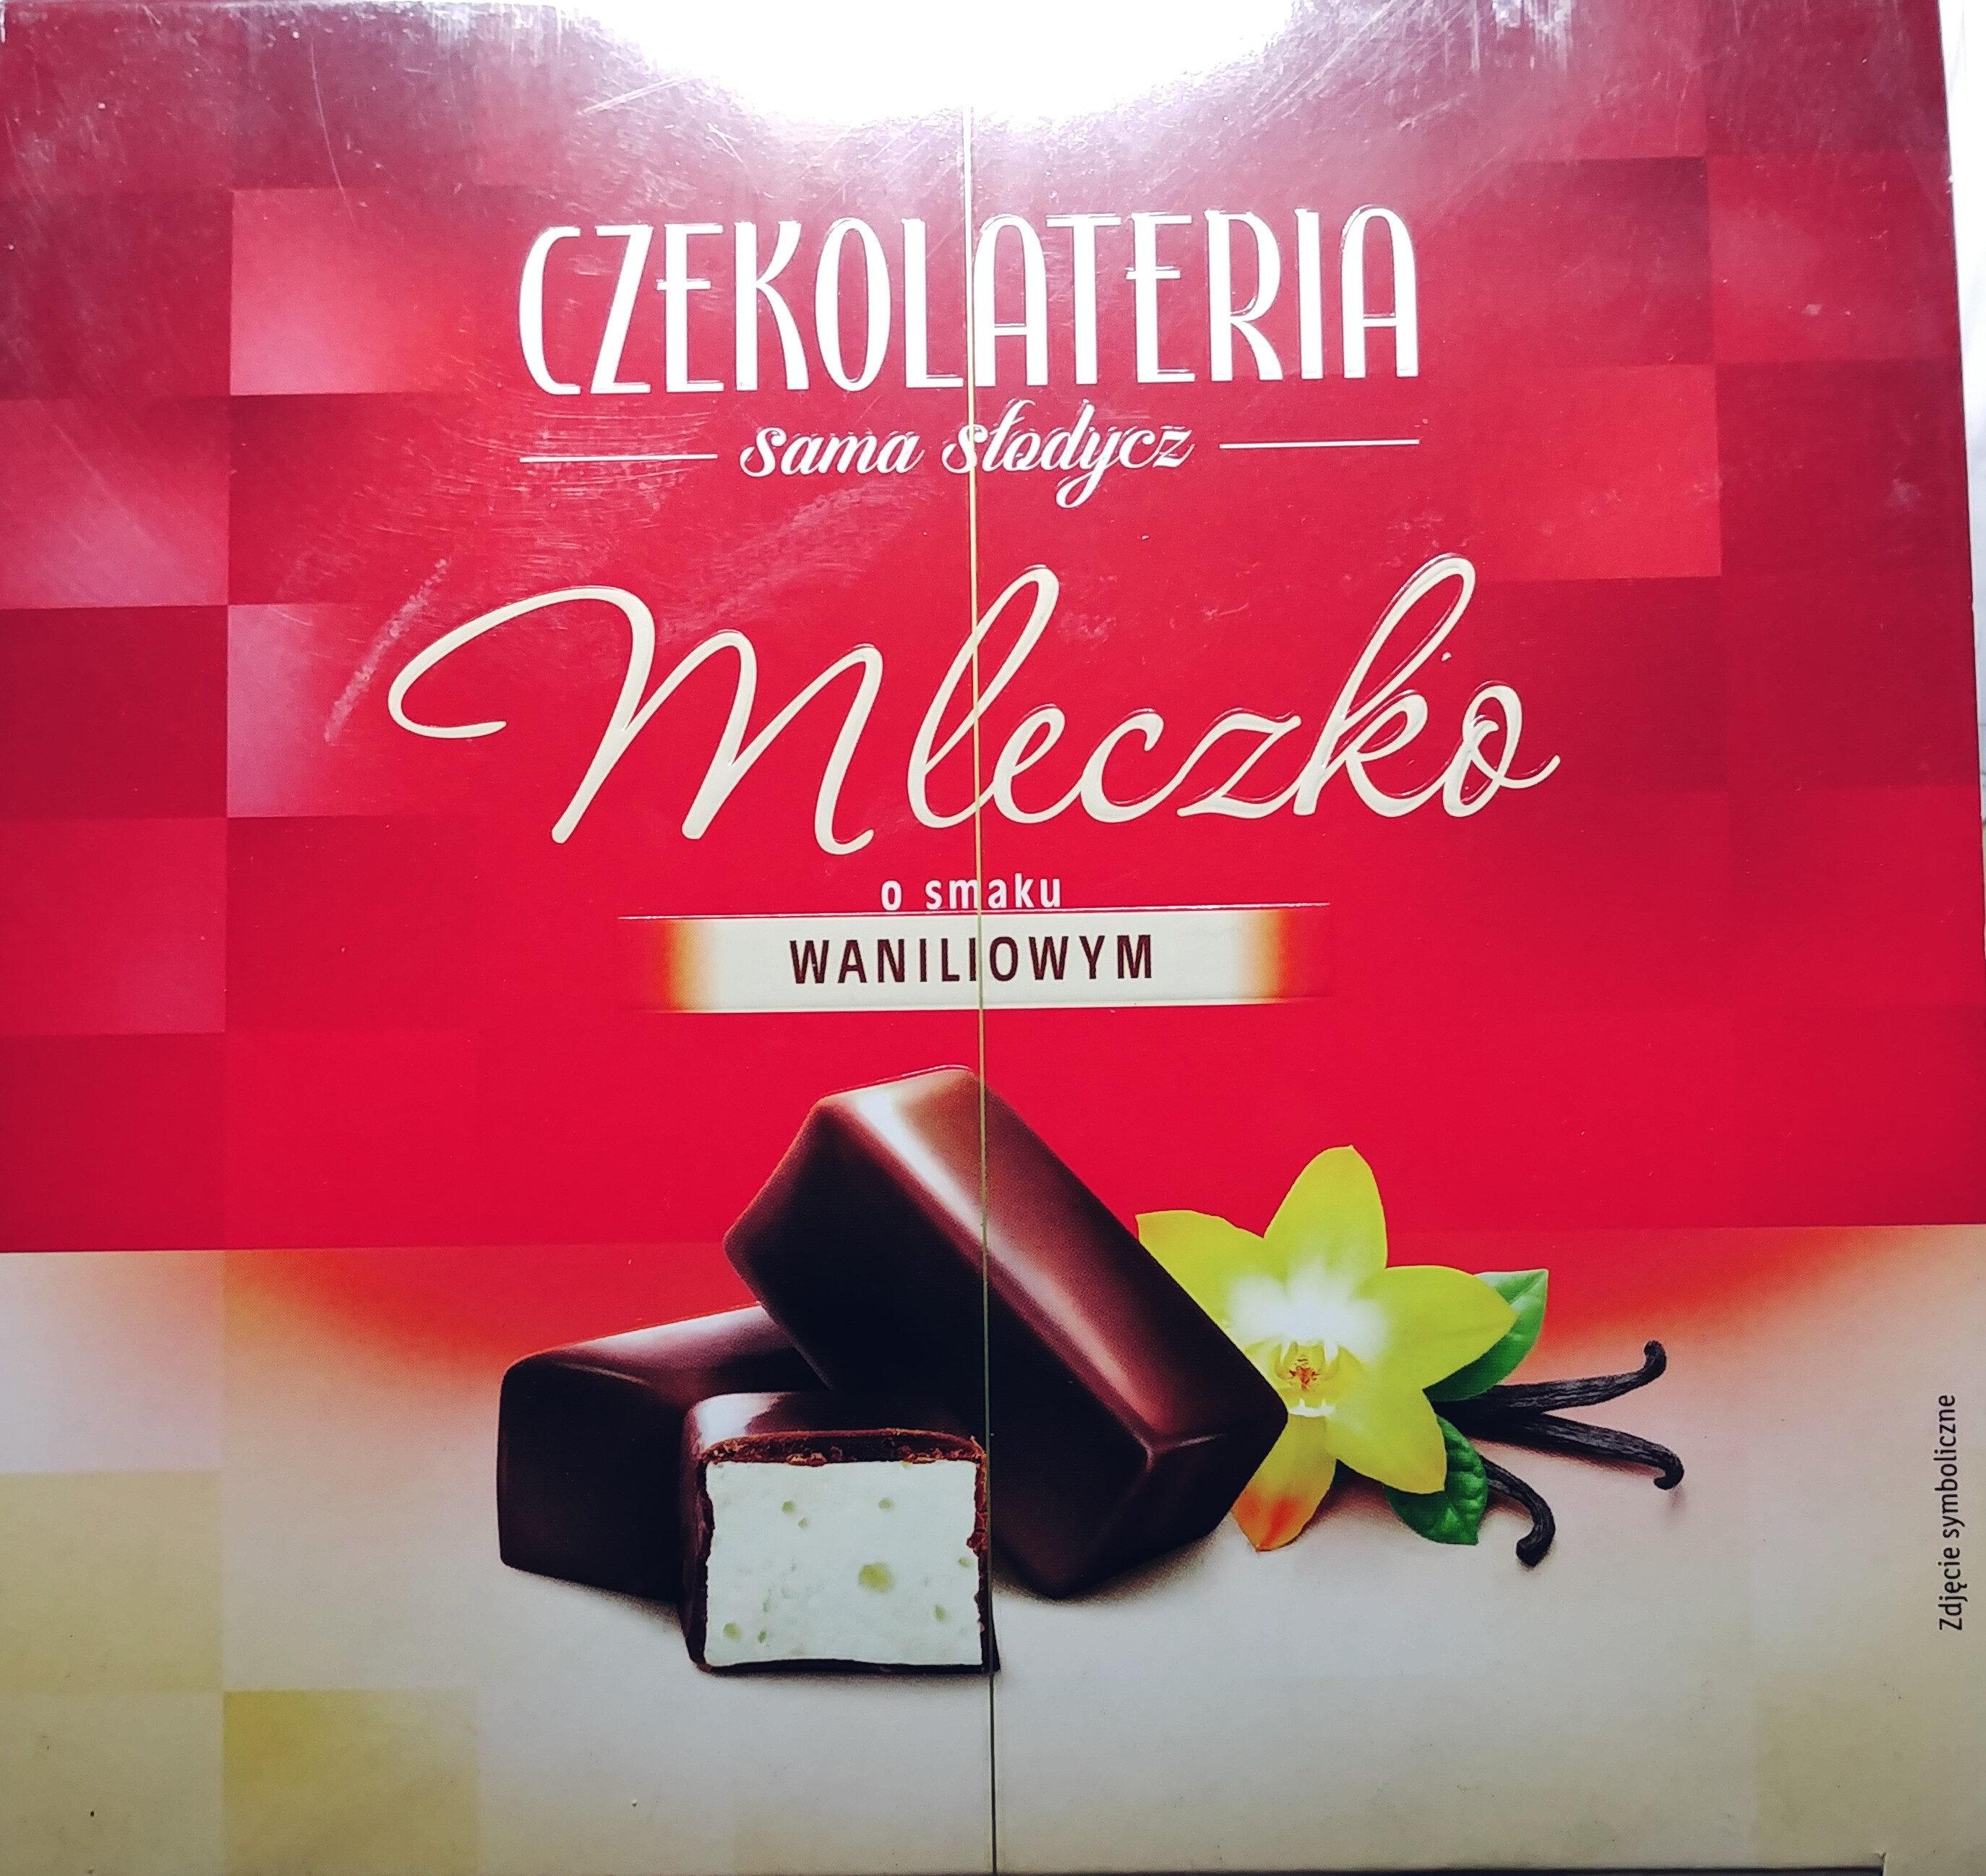 Pianka o smaku waniliowym w czekoladzie deserowej - Produkt - pl